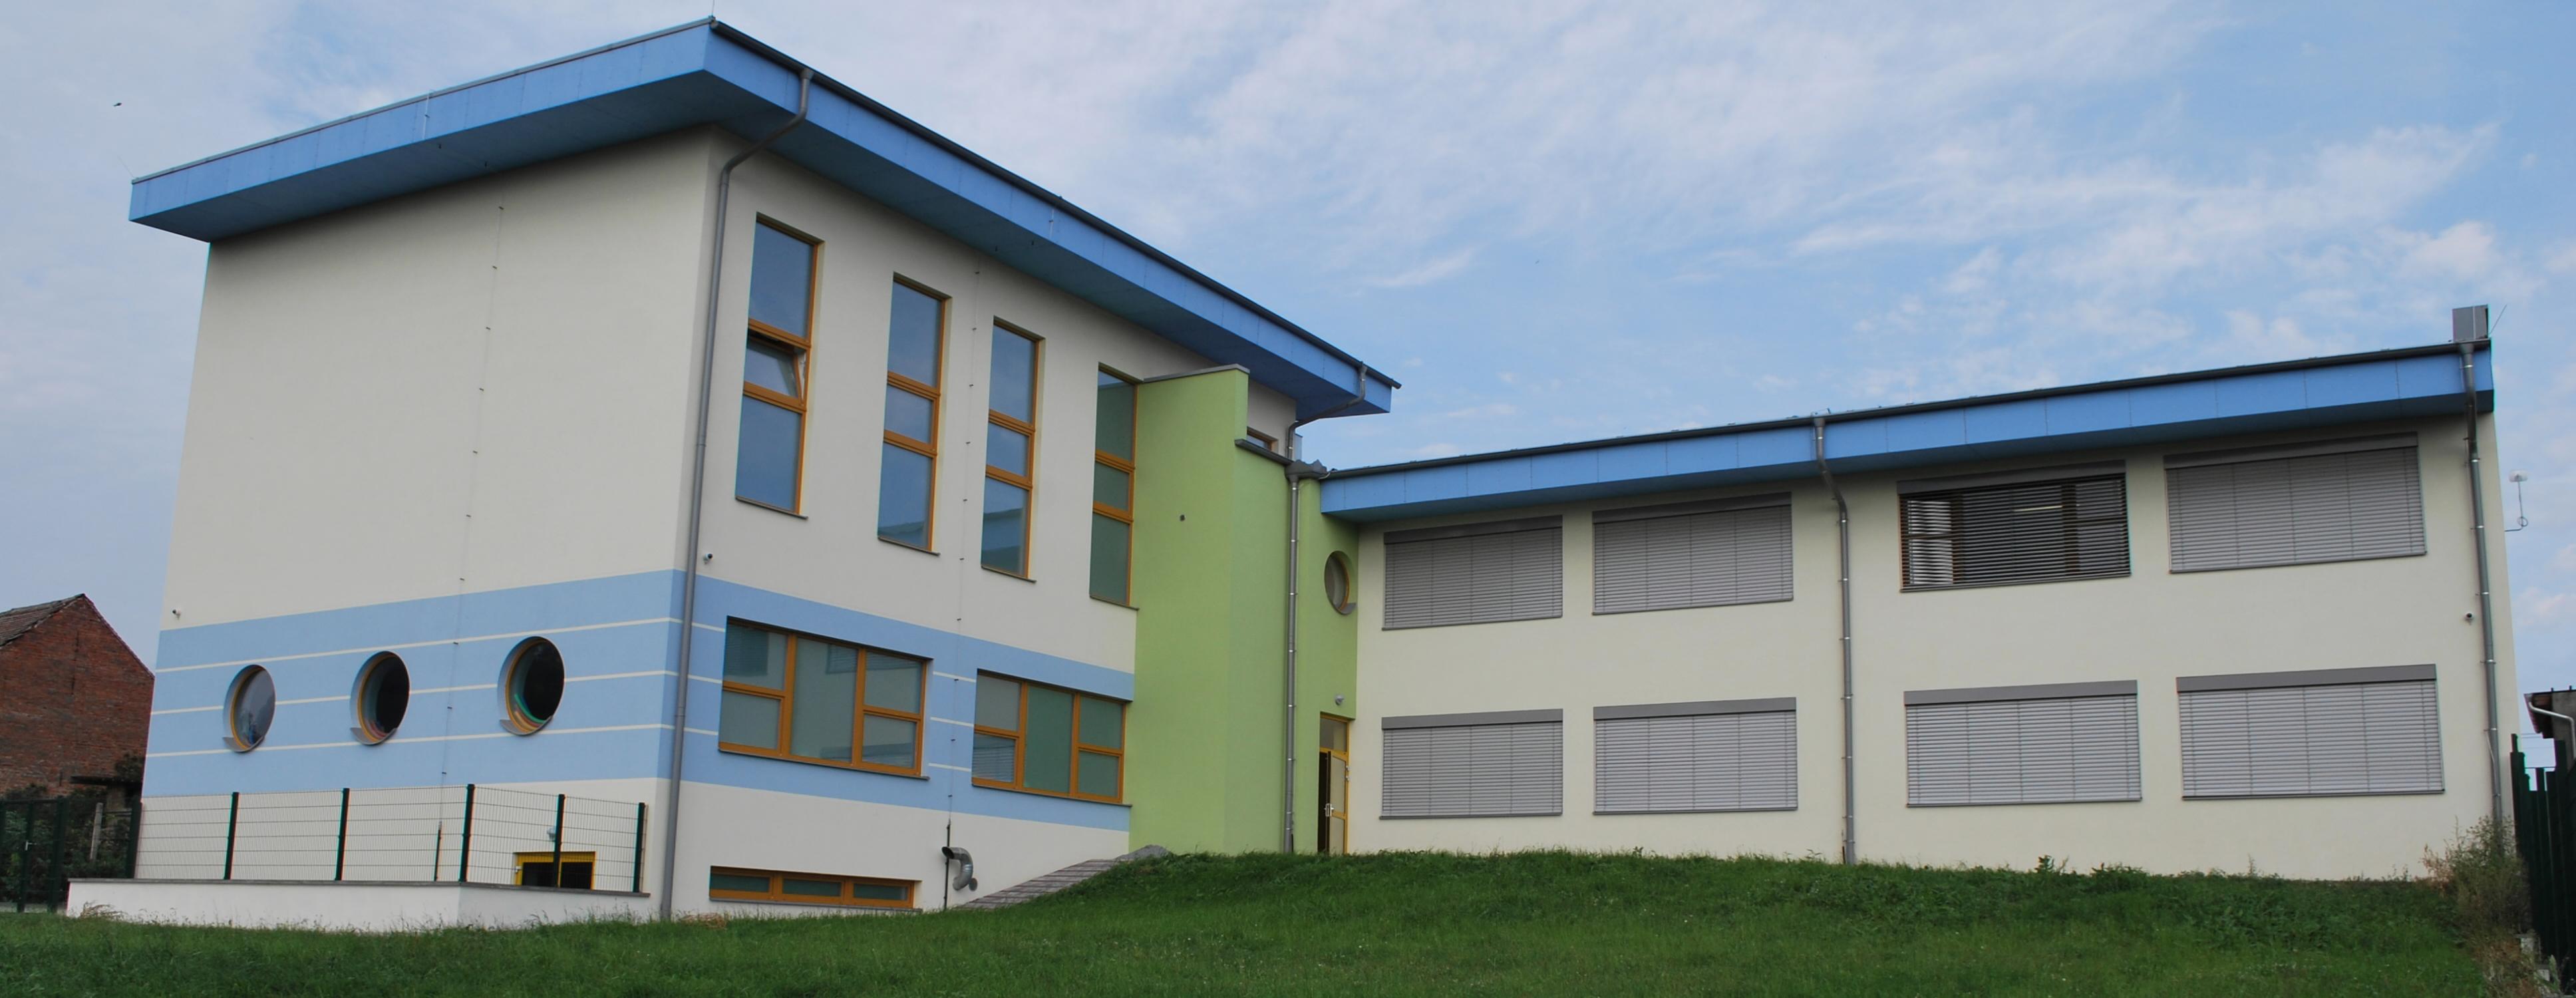 Vzdìlávací centrum - VRANOVICE